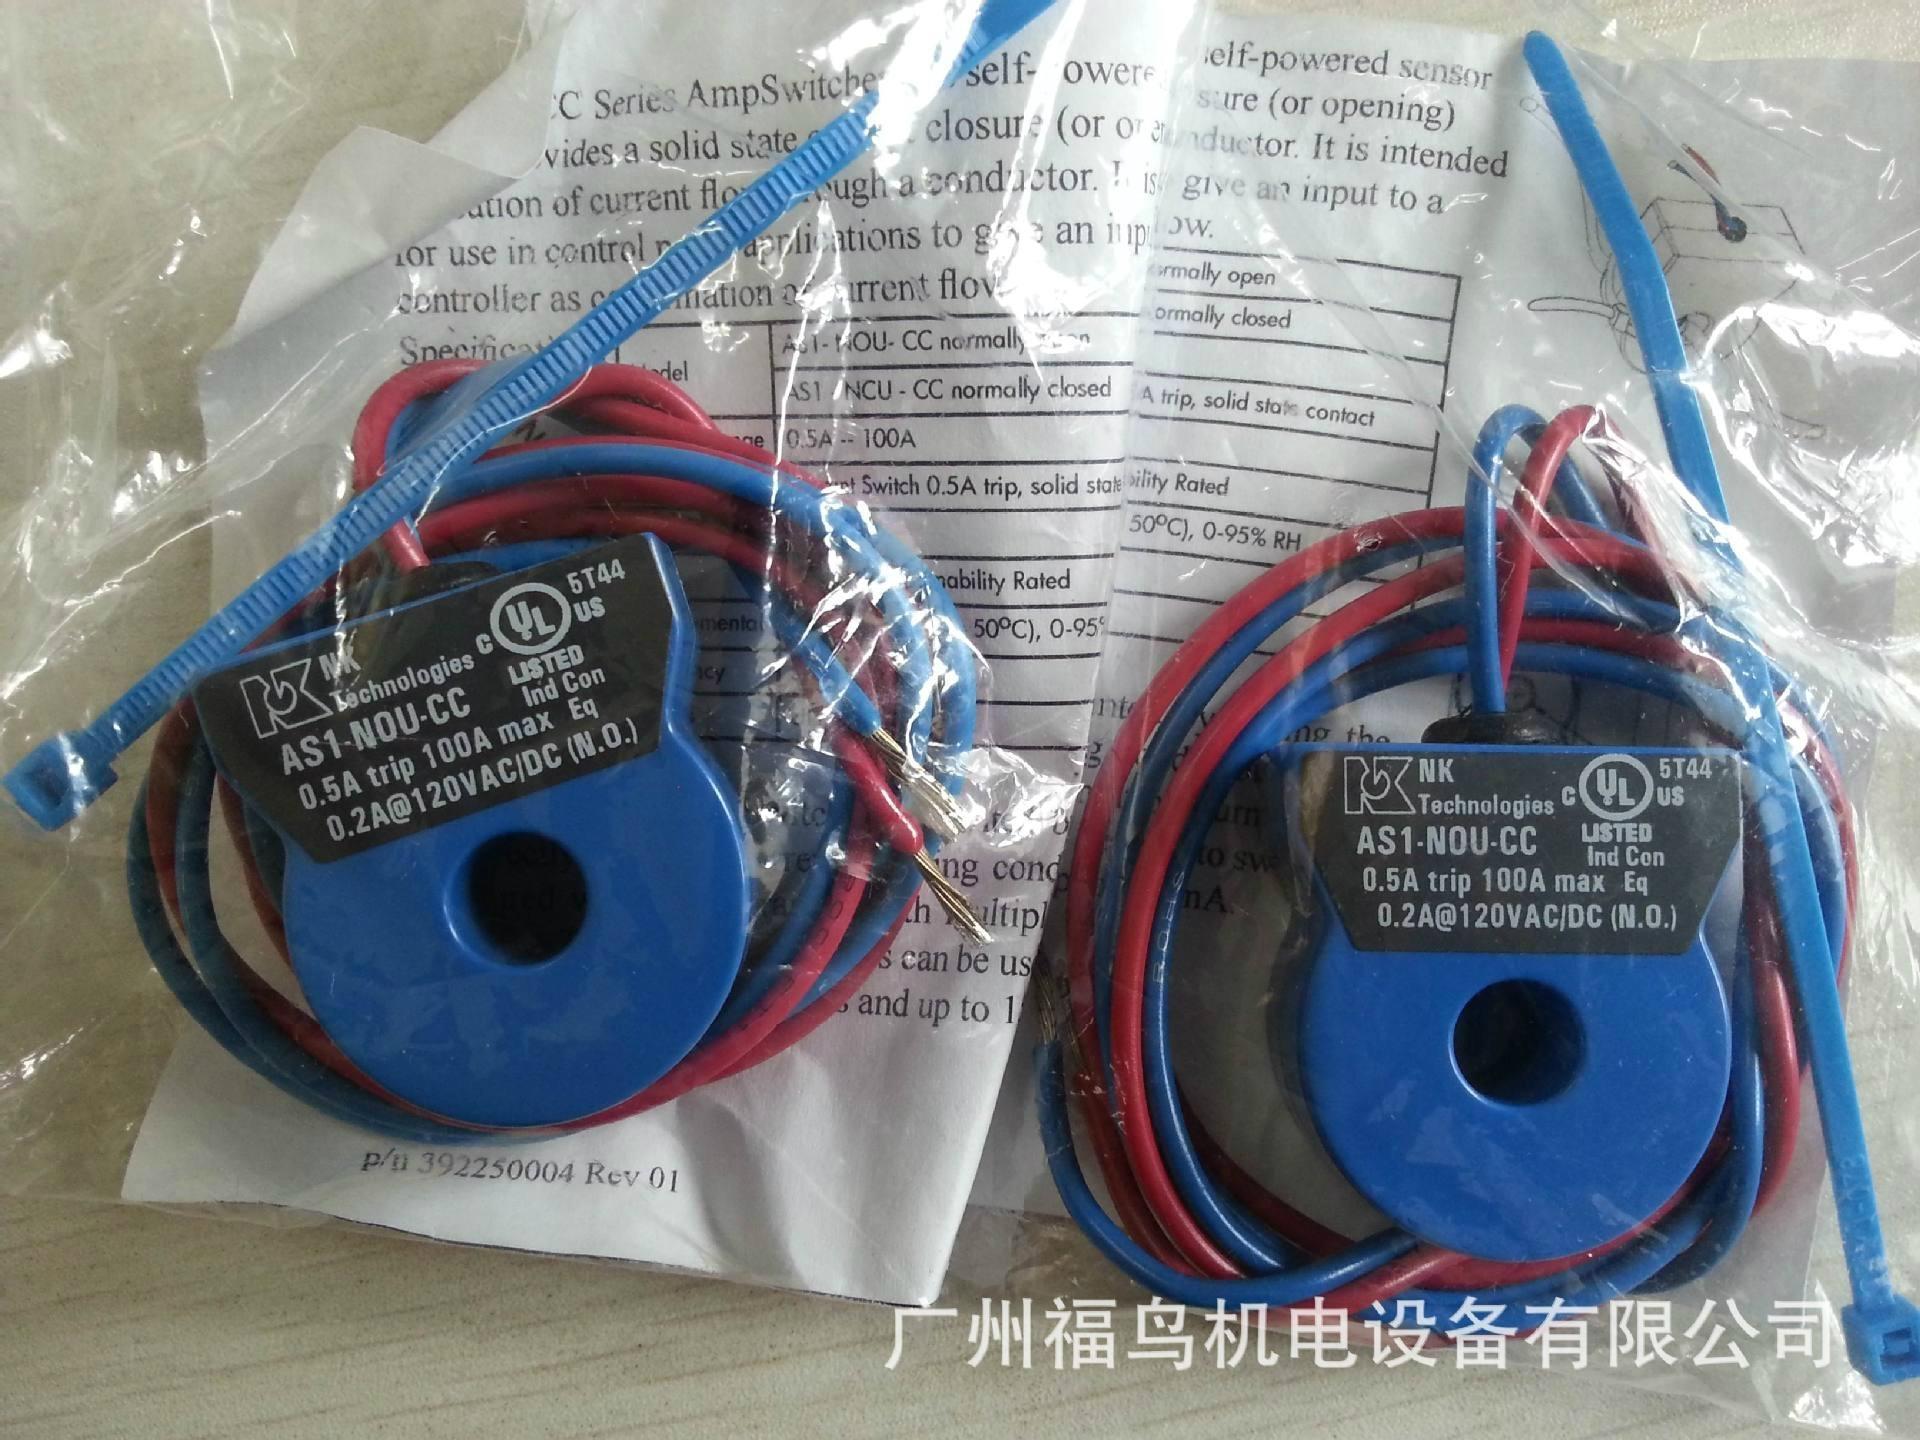 NK TECHNOLOGIES电流互感器, 型号: AS1-NOU-CC